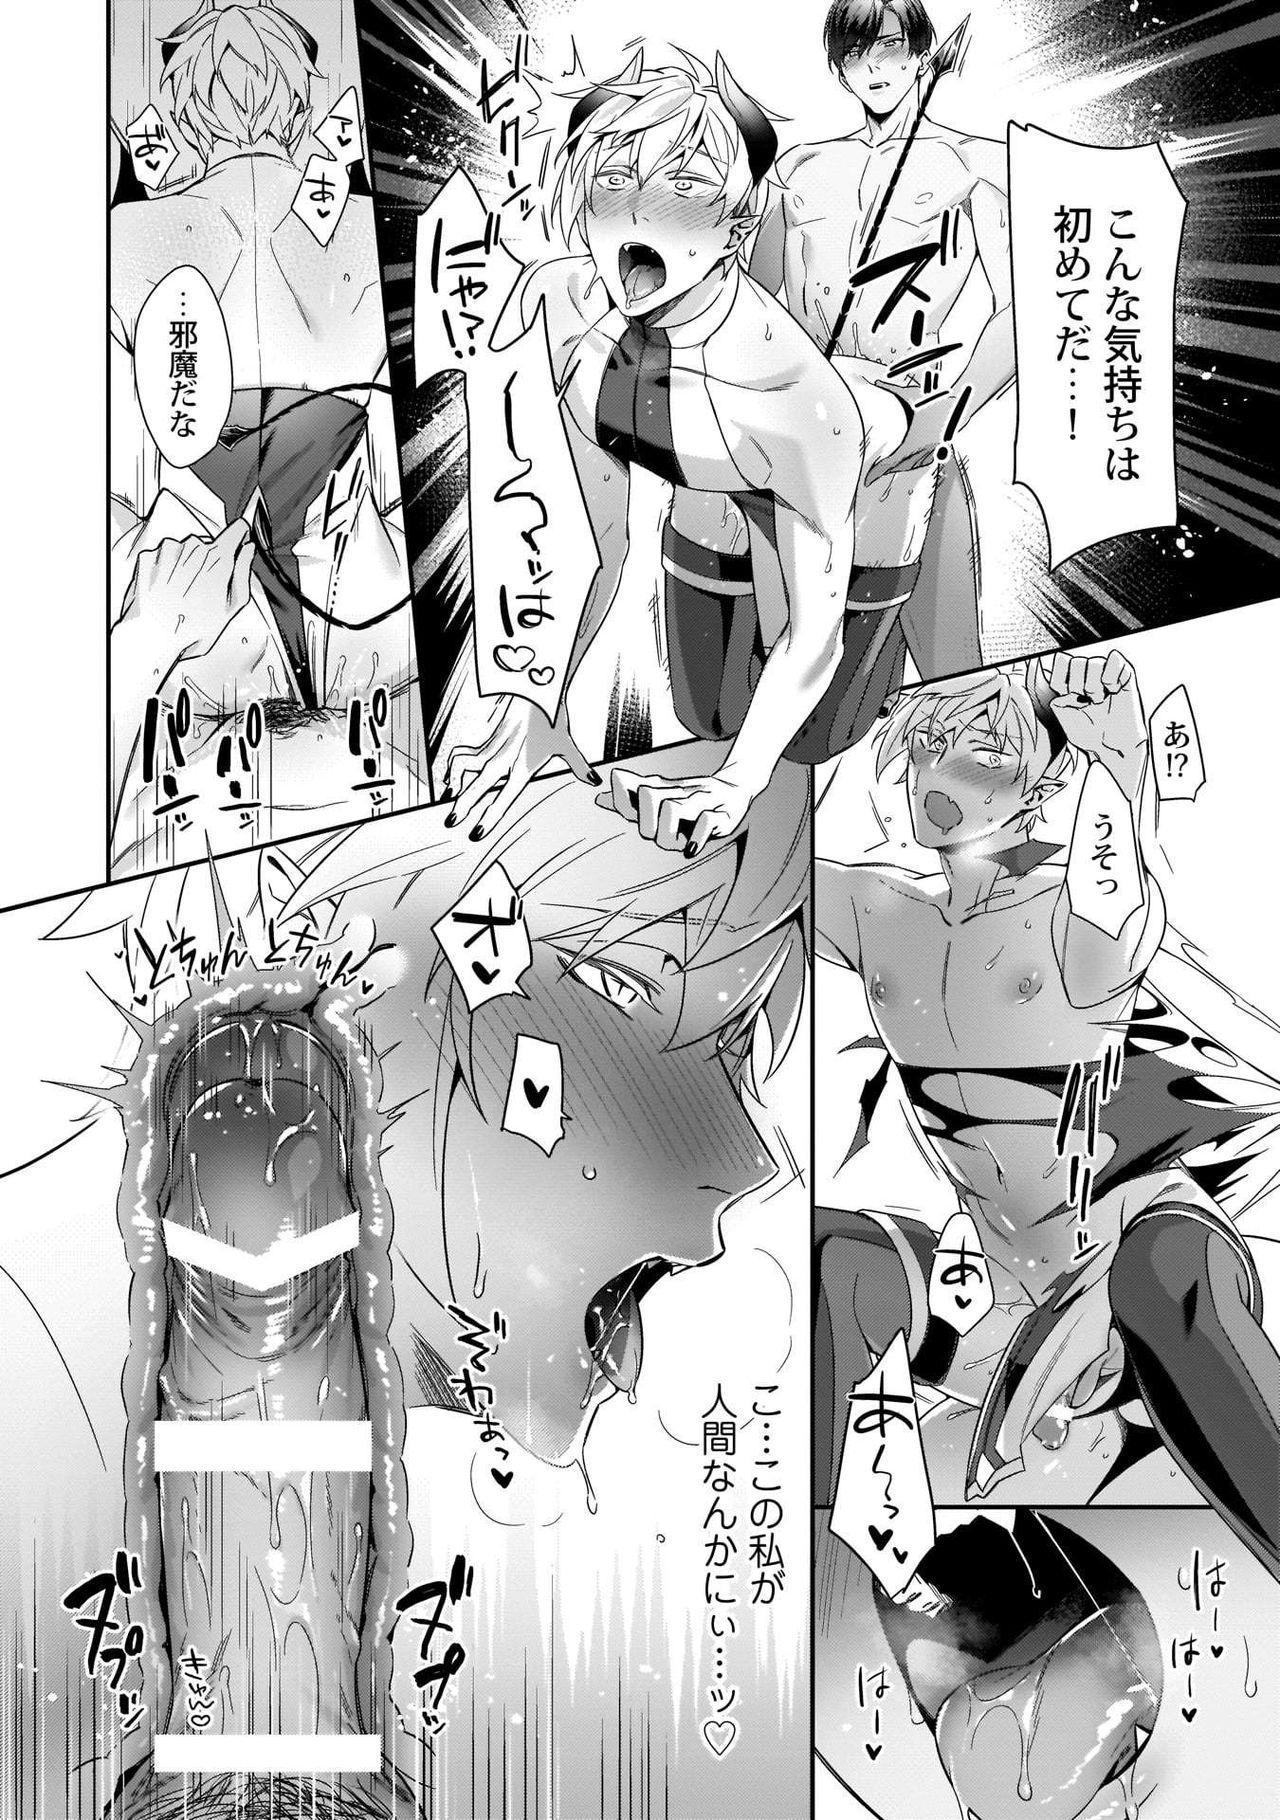 Torokeru kaikan sokuochi akuma 1-2 19